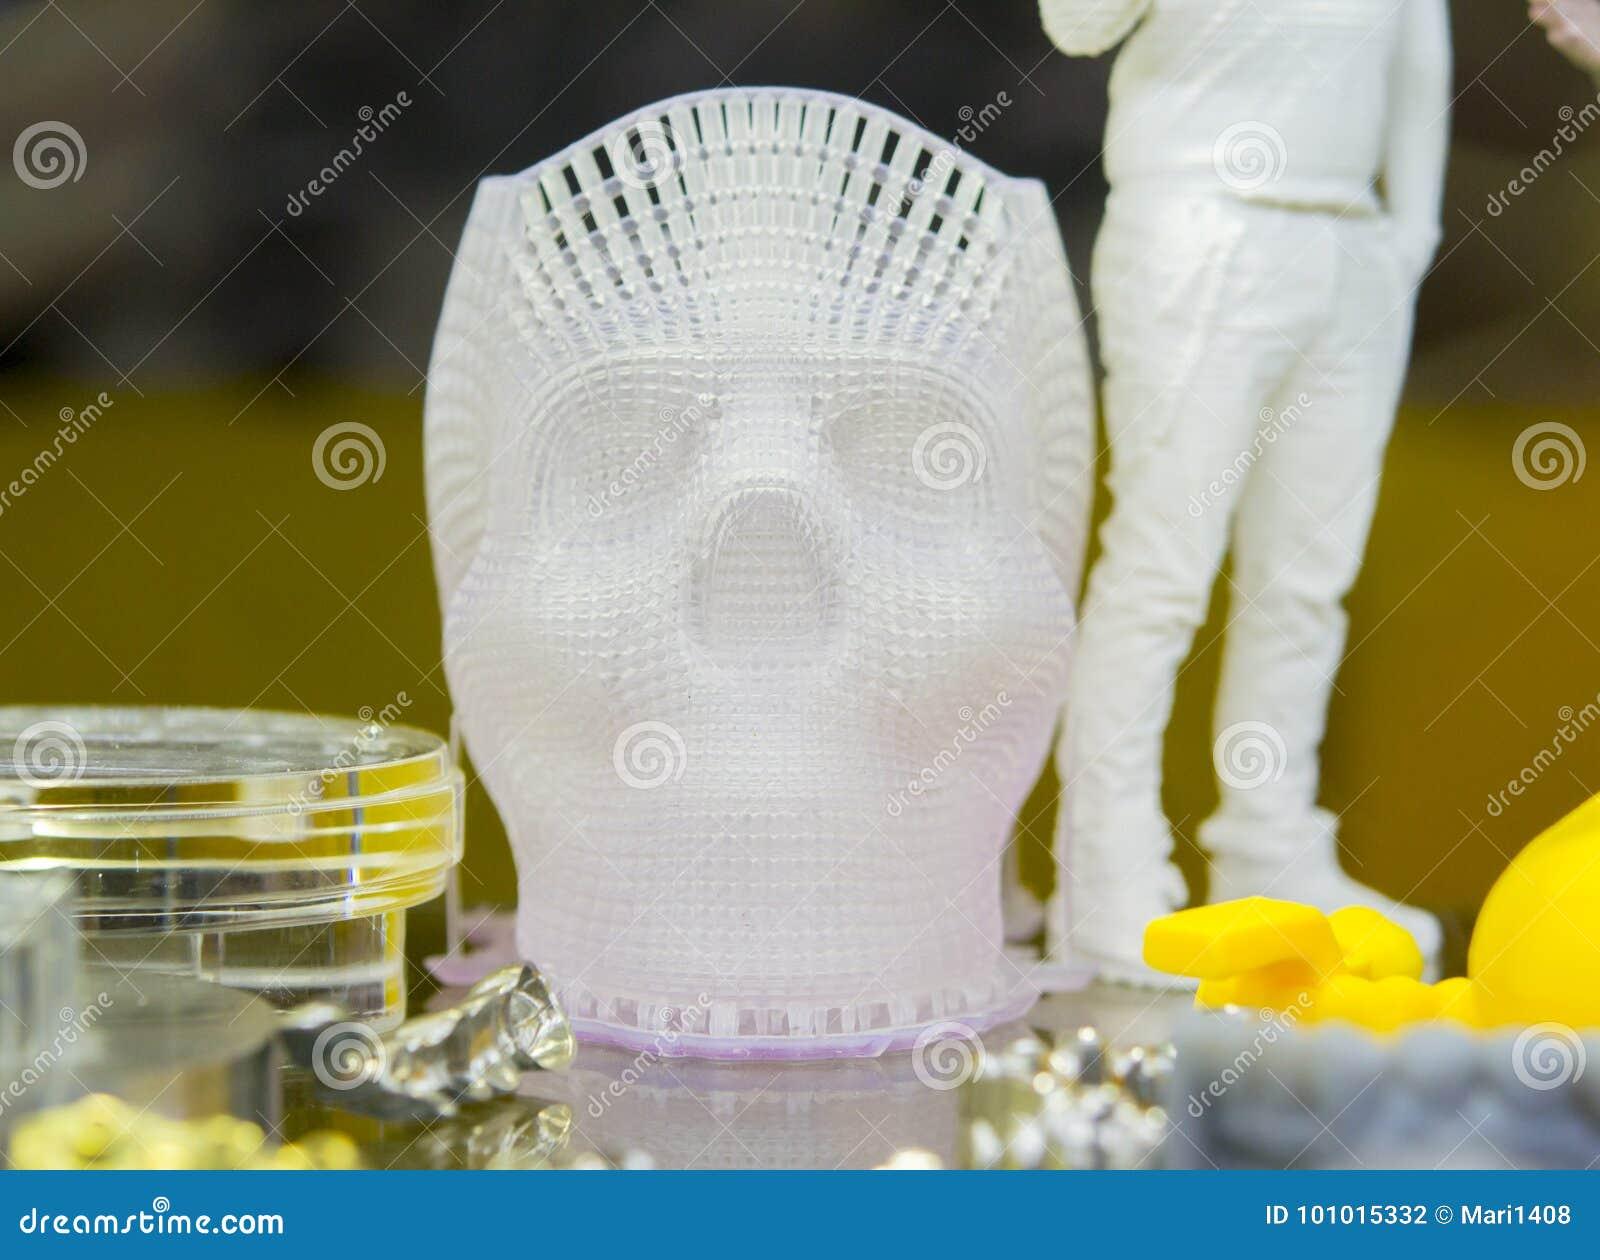 Cranio umano stampato su un printe 3d